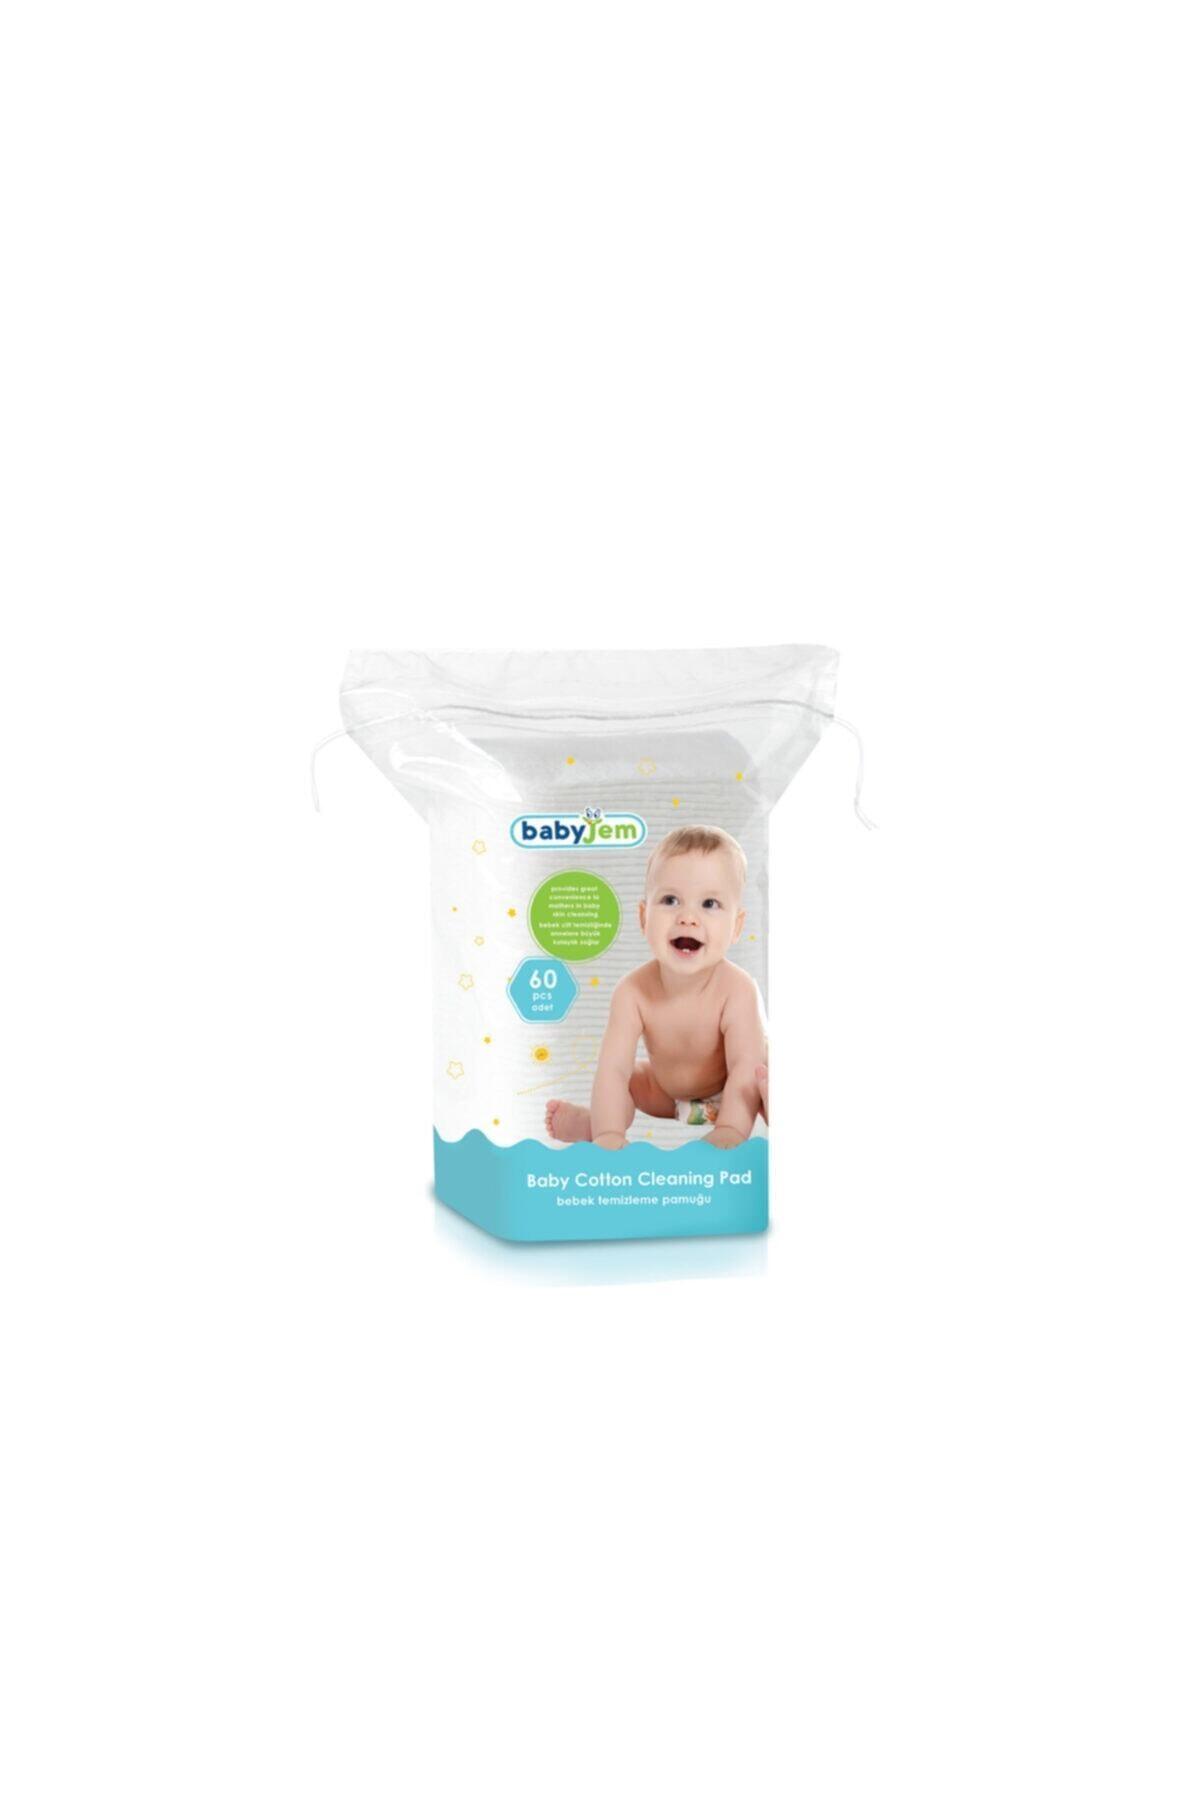 Babyjem Bebek Temizleme Pamuğu 60 Lı * 24 Pkt 1